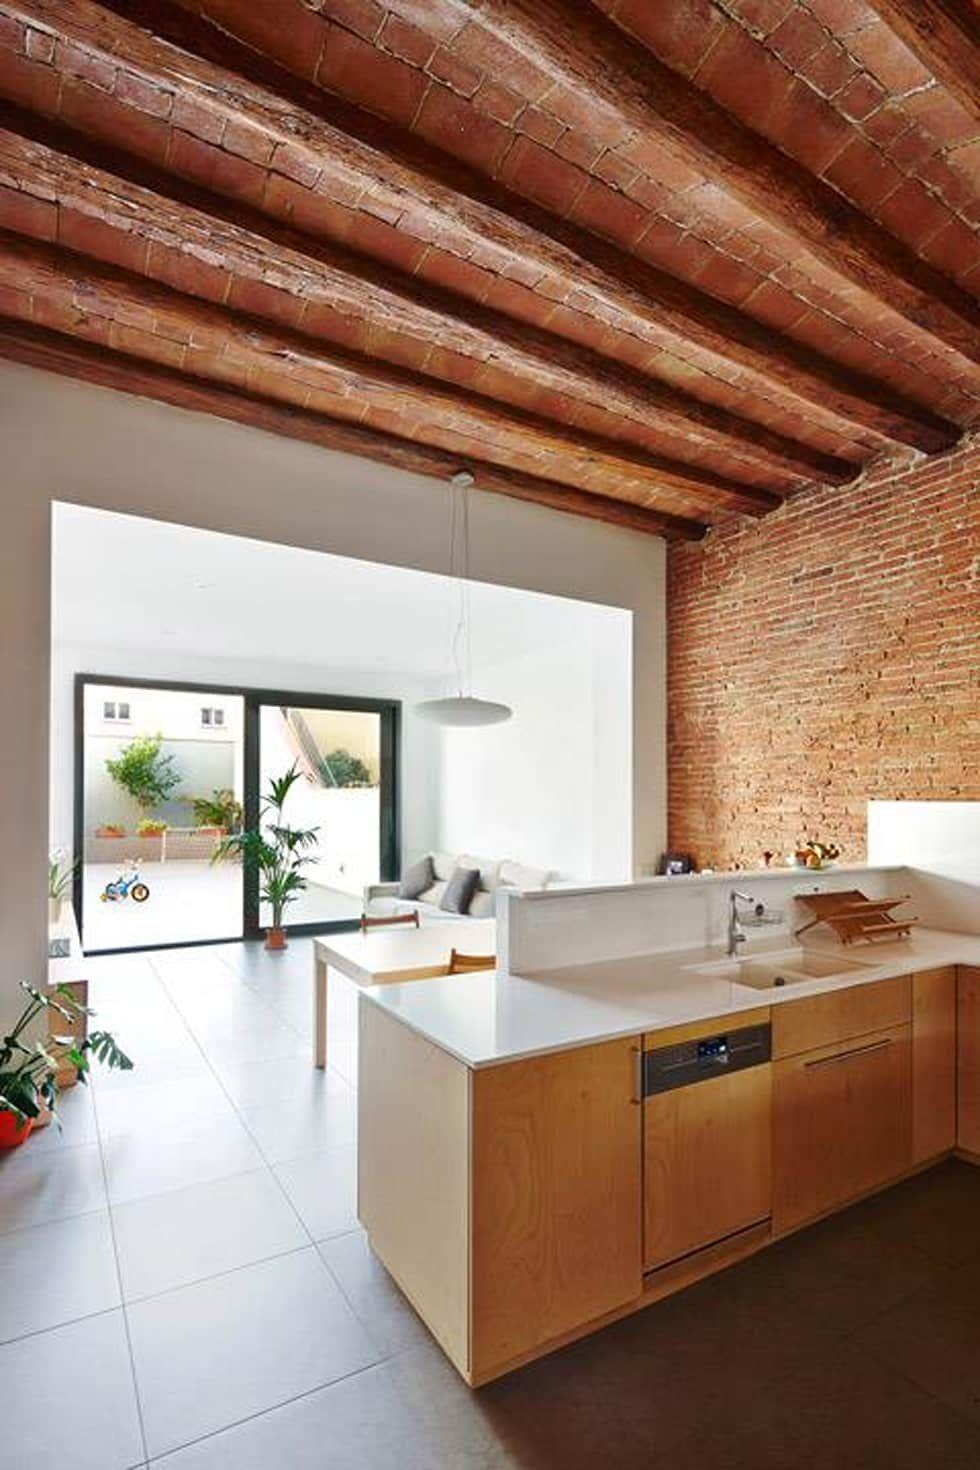 Fotos de Decoración y Diseño de Interiores   Estilo minimalista ...